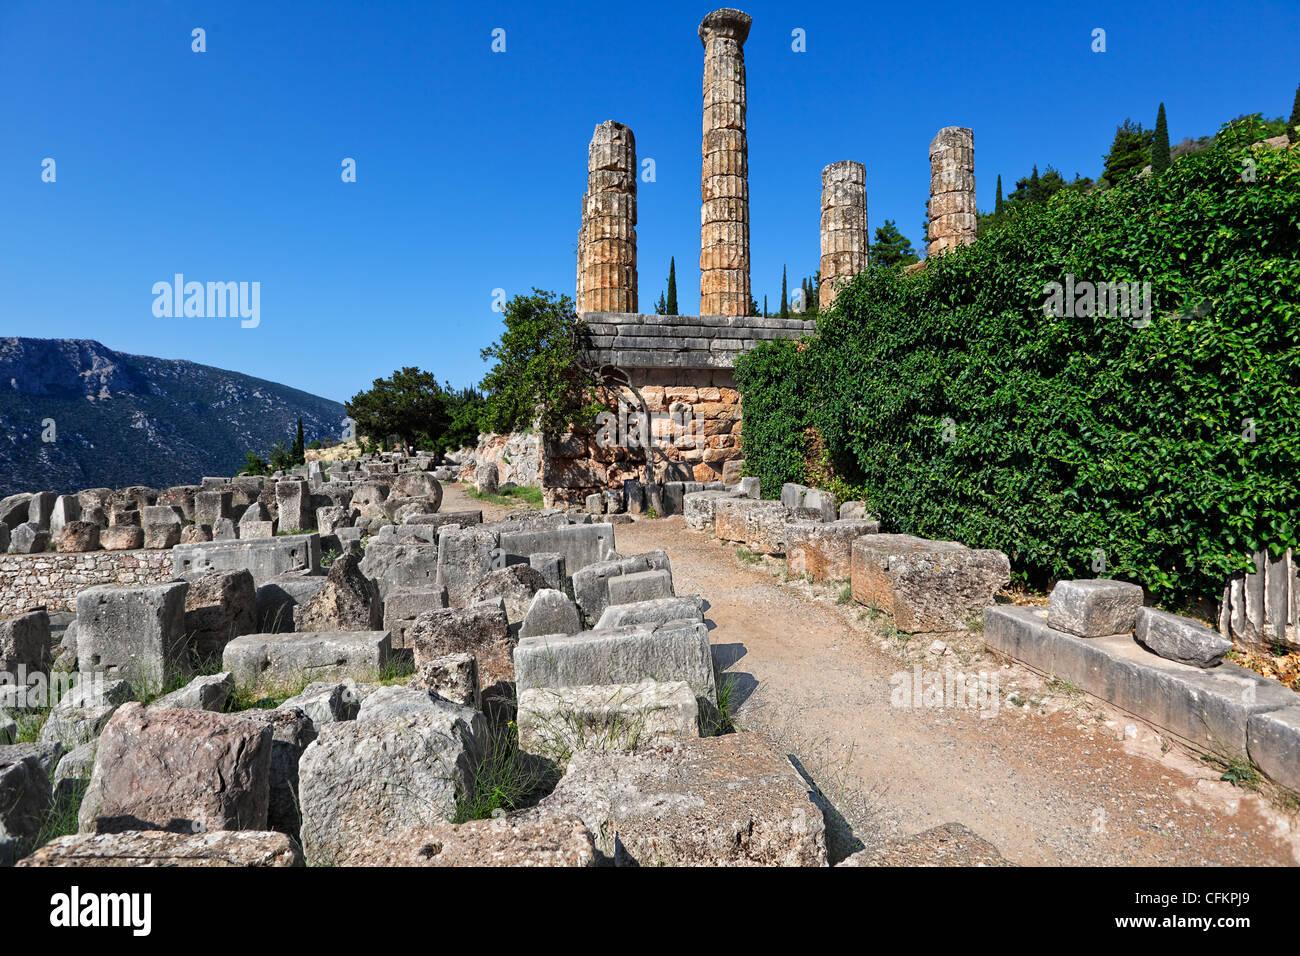 Temple of Apollo (4th cent. B.C.) in Delphi, Greece - Stock Image